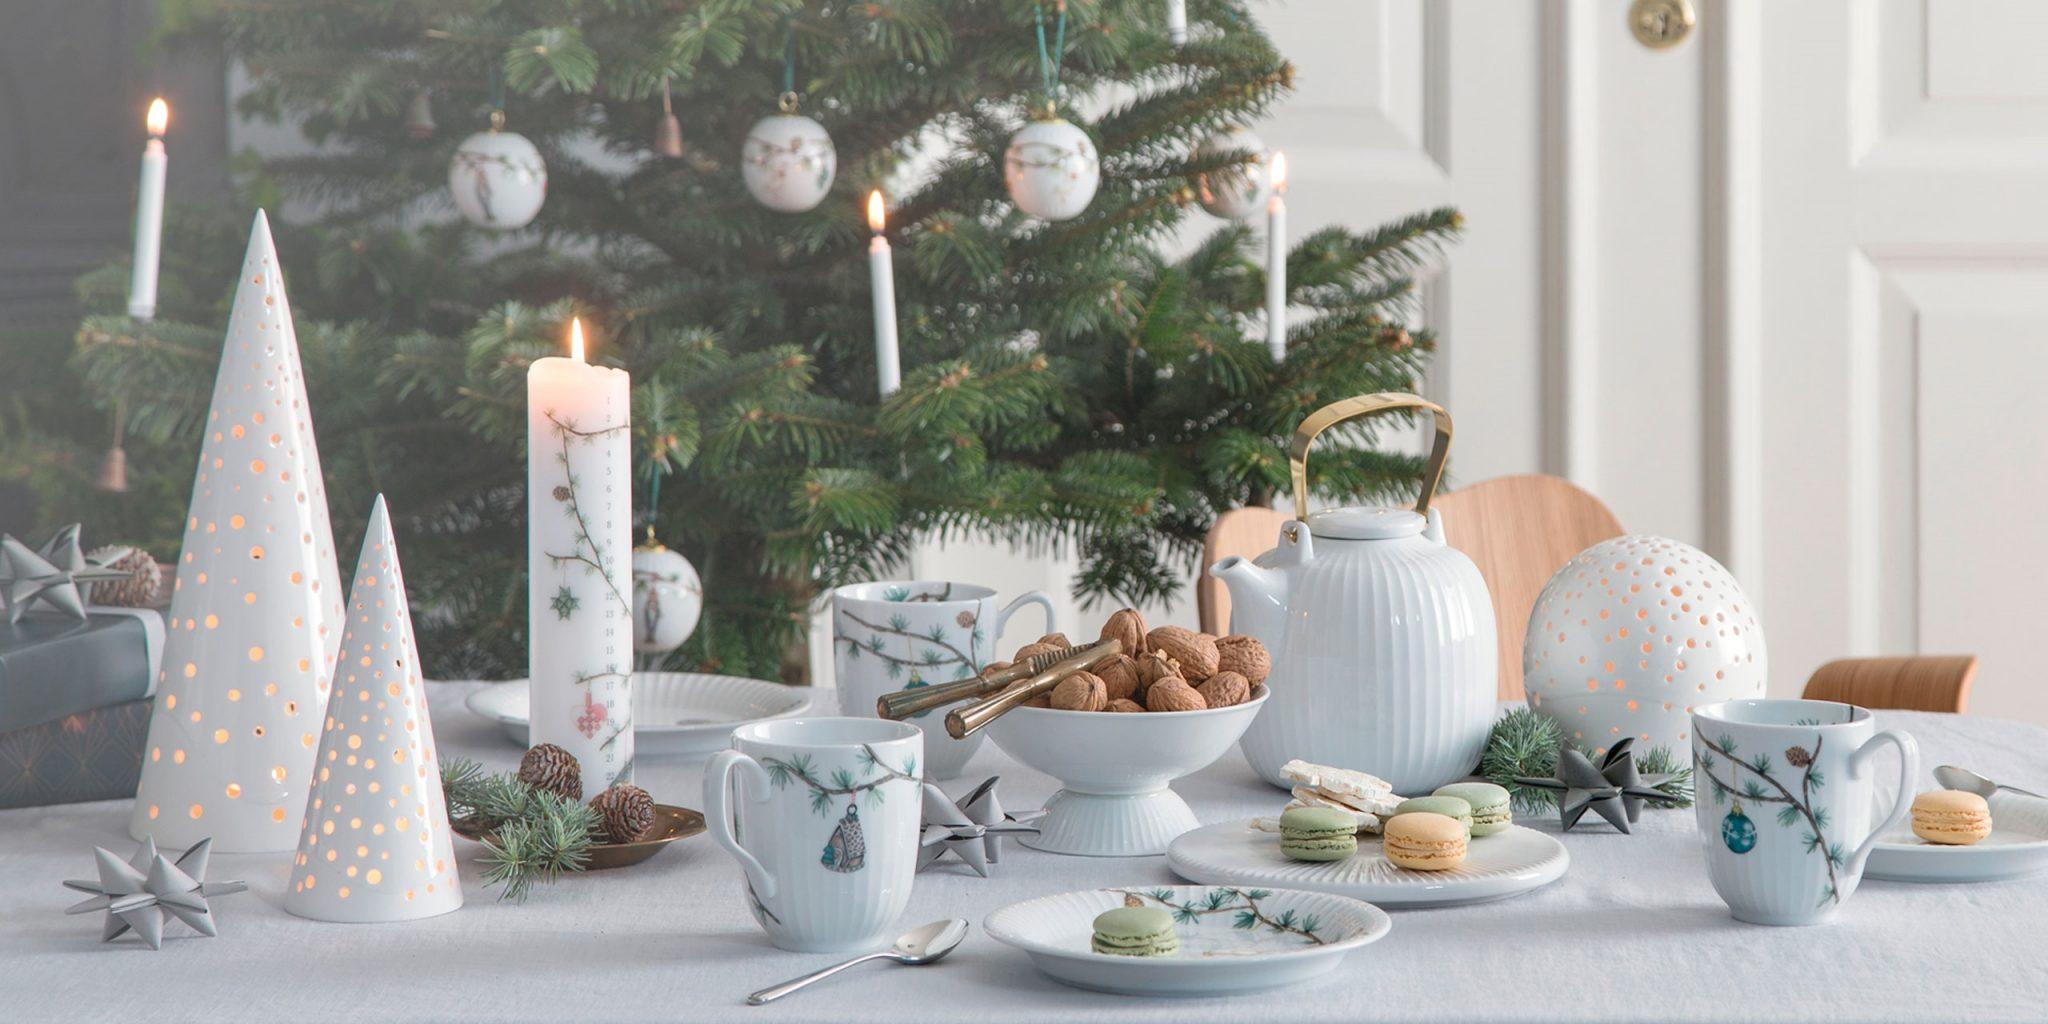 Hammershøi | Kähler i 2020 | Krus, Varm chokolade, Juleborde